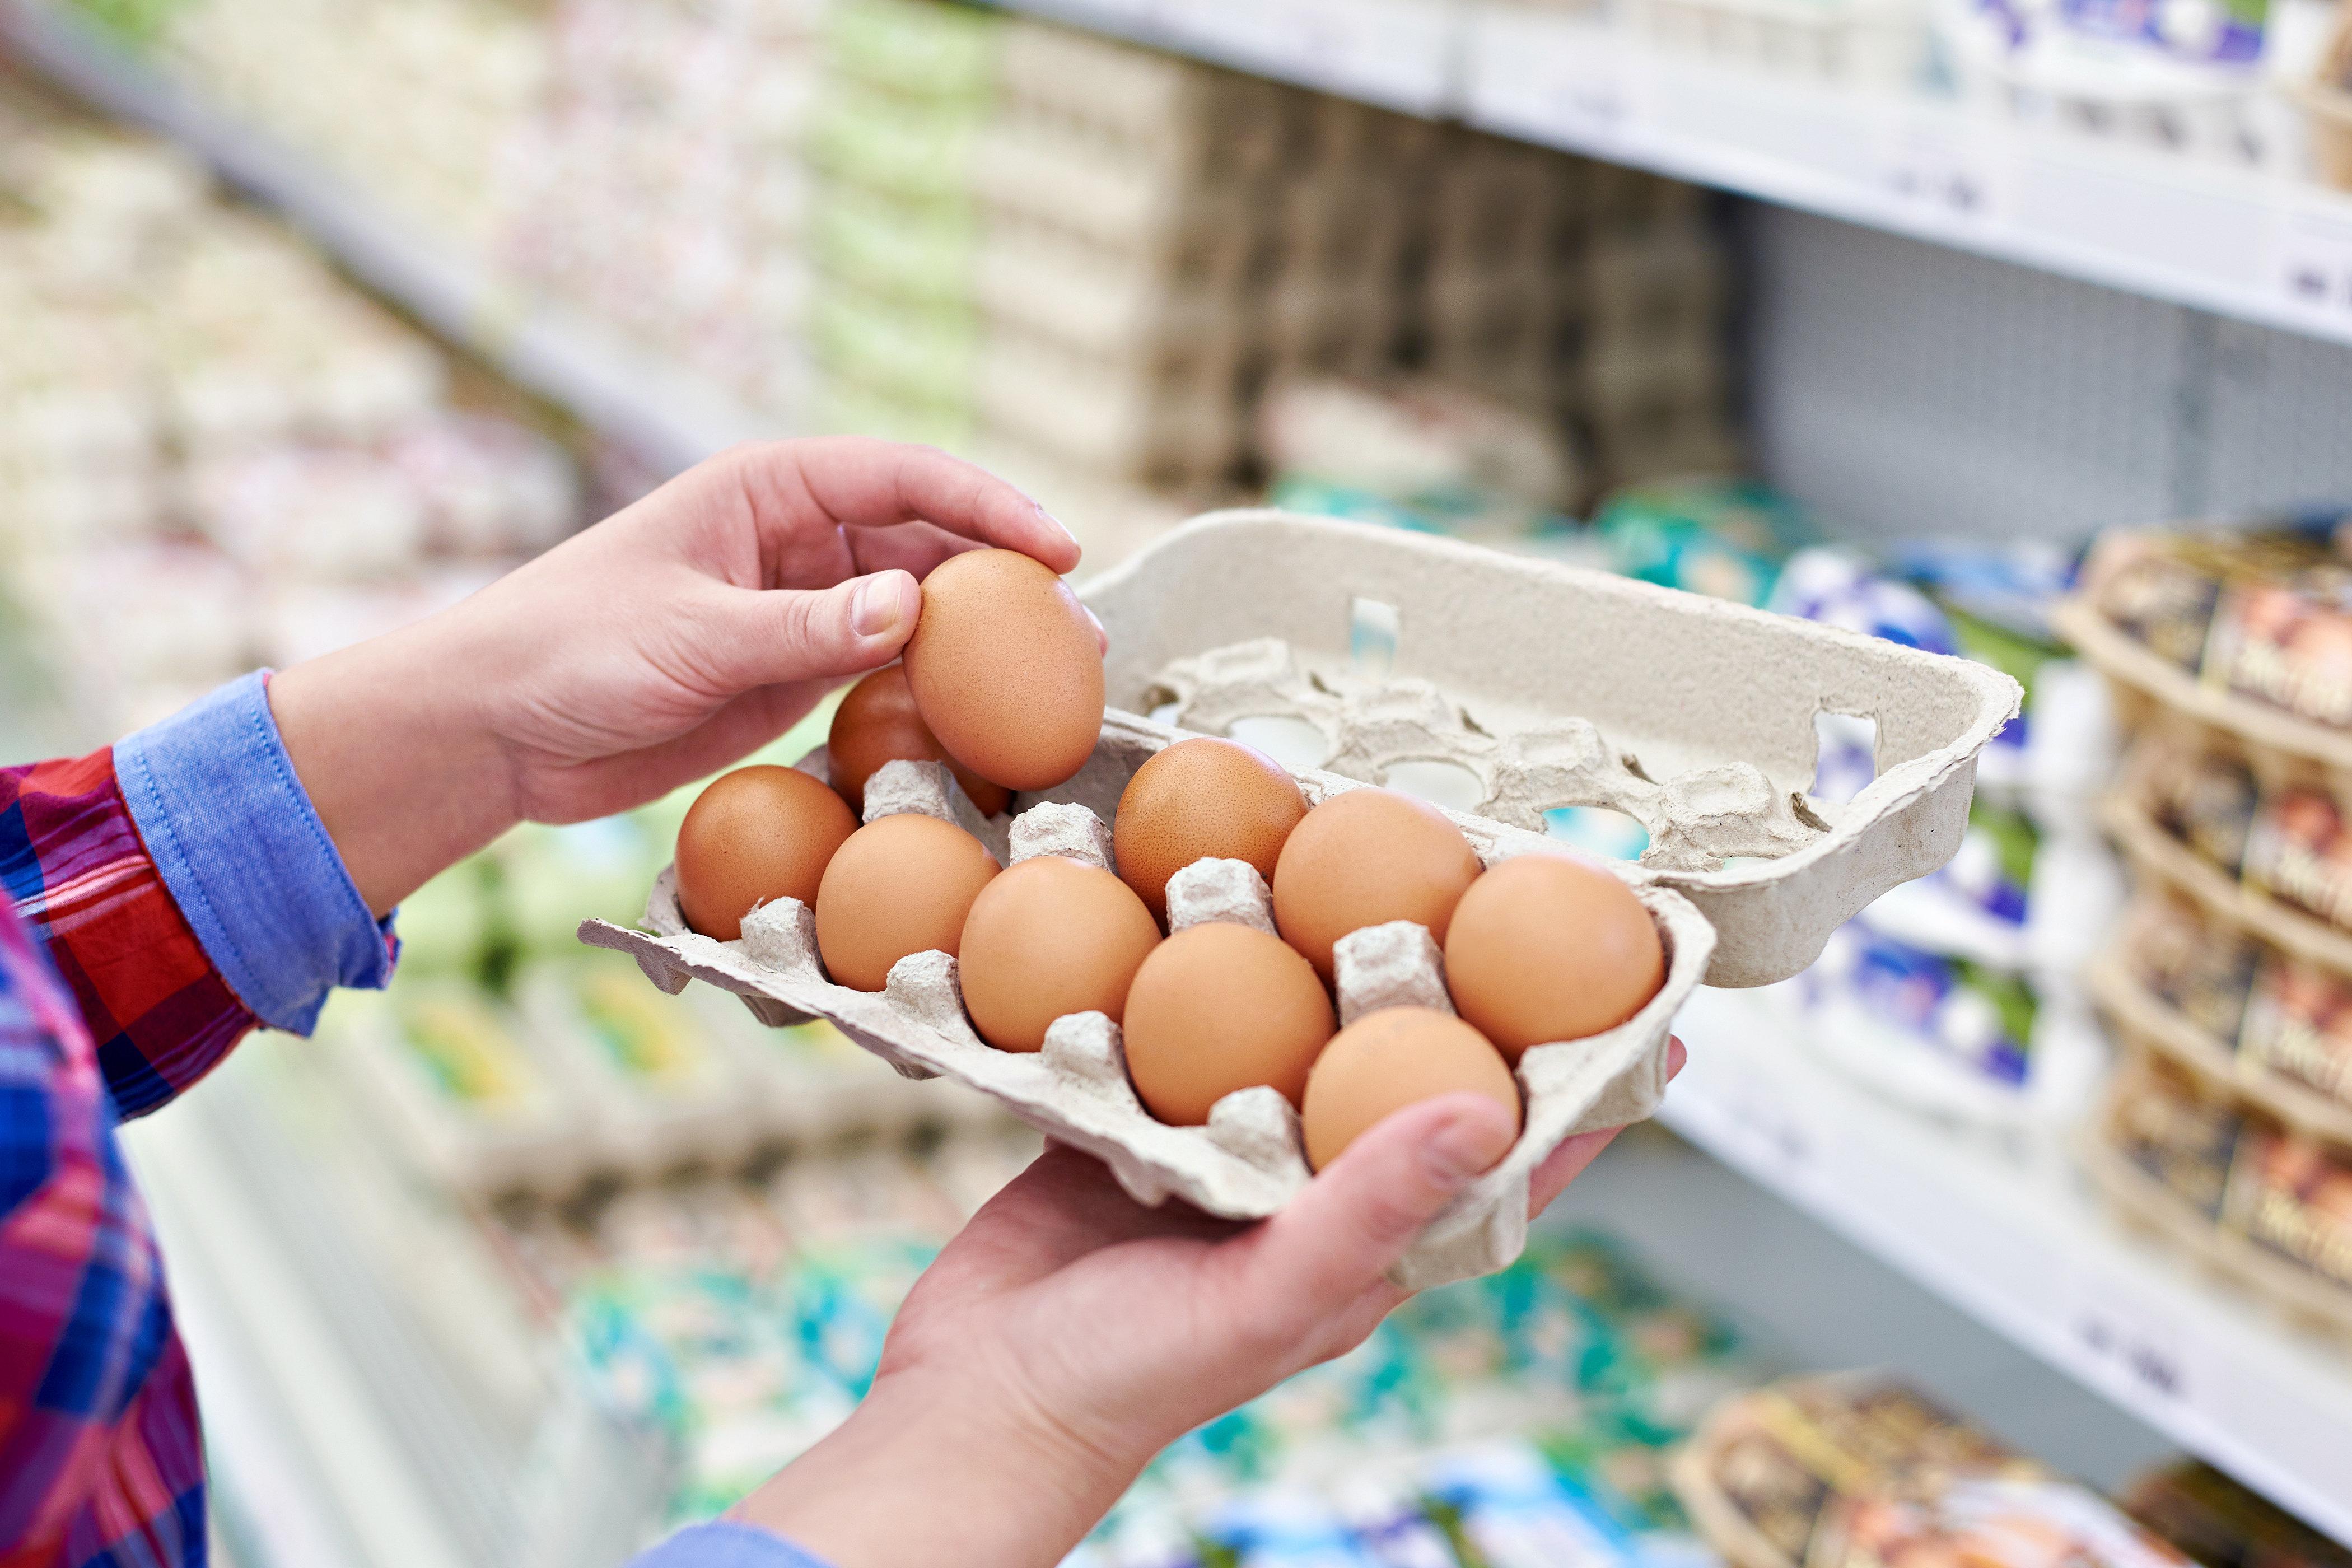 Deshalb ist es verboten, ein kaputtes Ei aus dem Karton